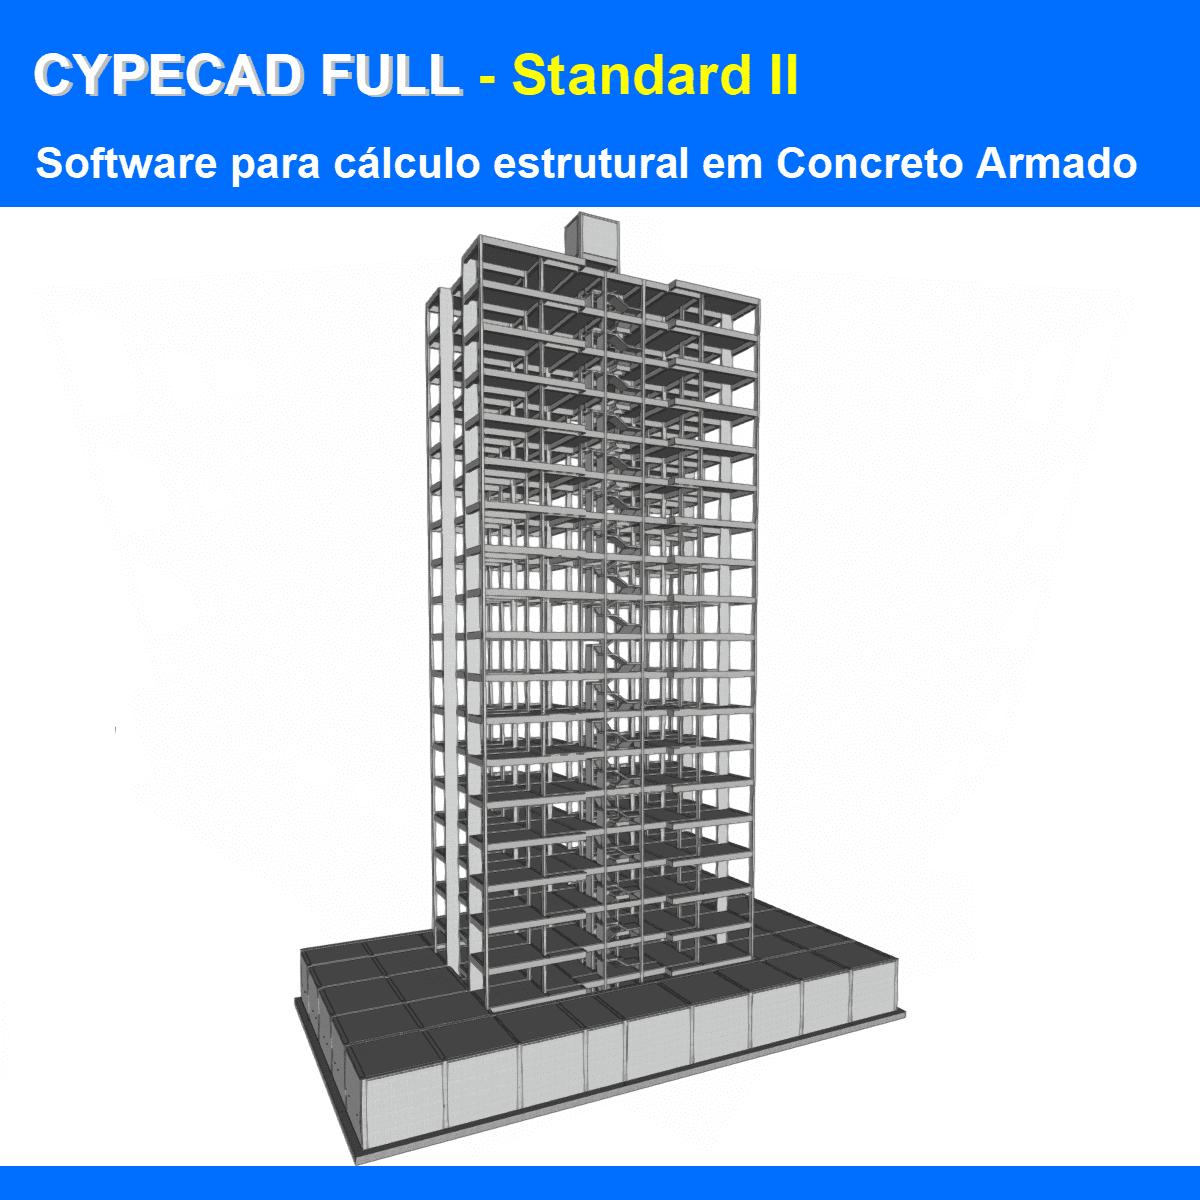 """Software CYPECAD Full Standard II versão 2022 (Licença Eletrônica) incluindo a modulação descrita em """"Itens Inclusos"""" a seguir  - MULTIPLUS SOFTWARES"""